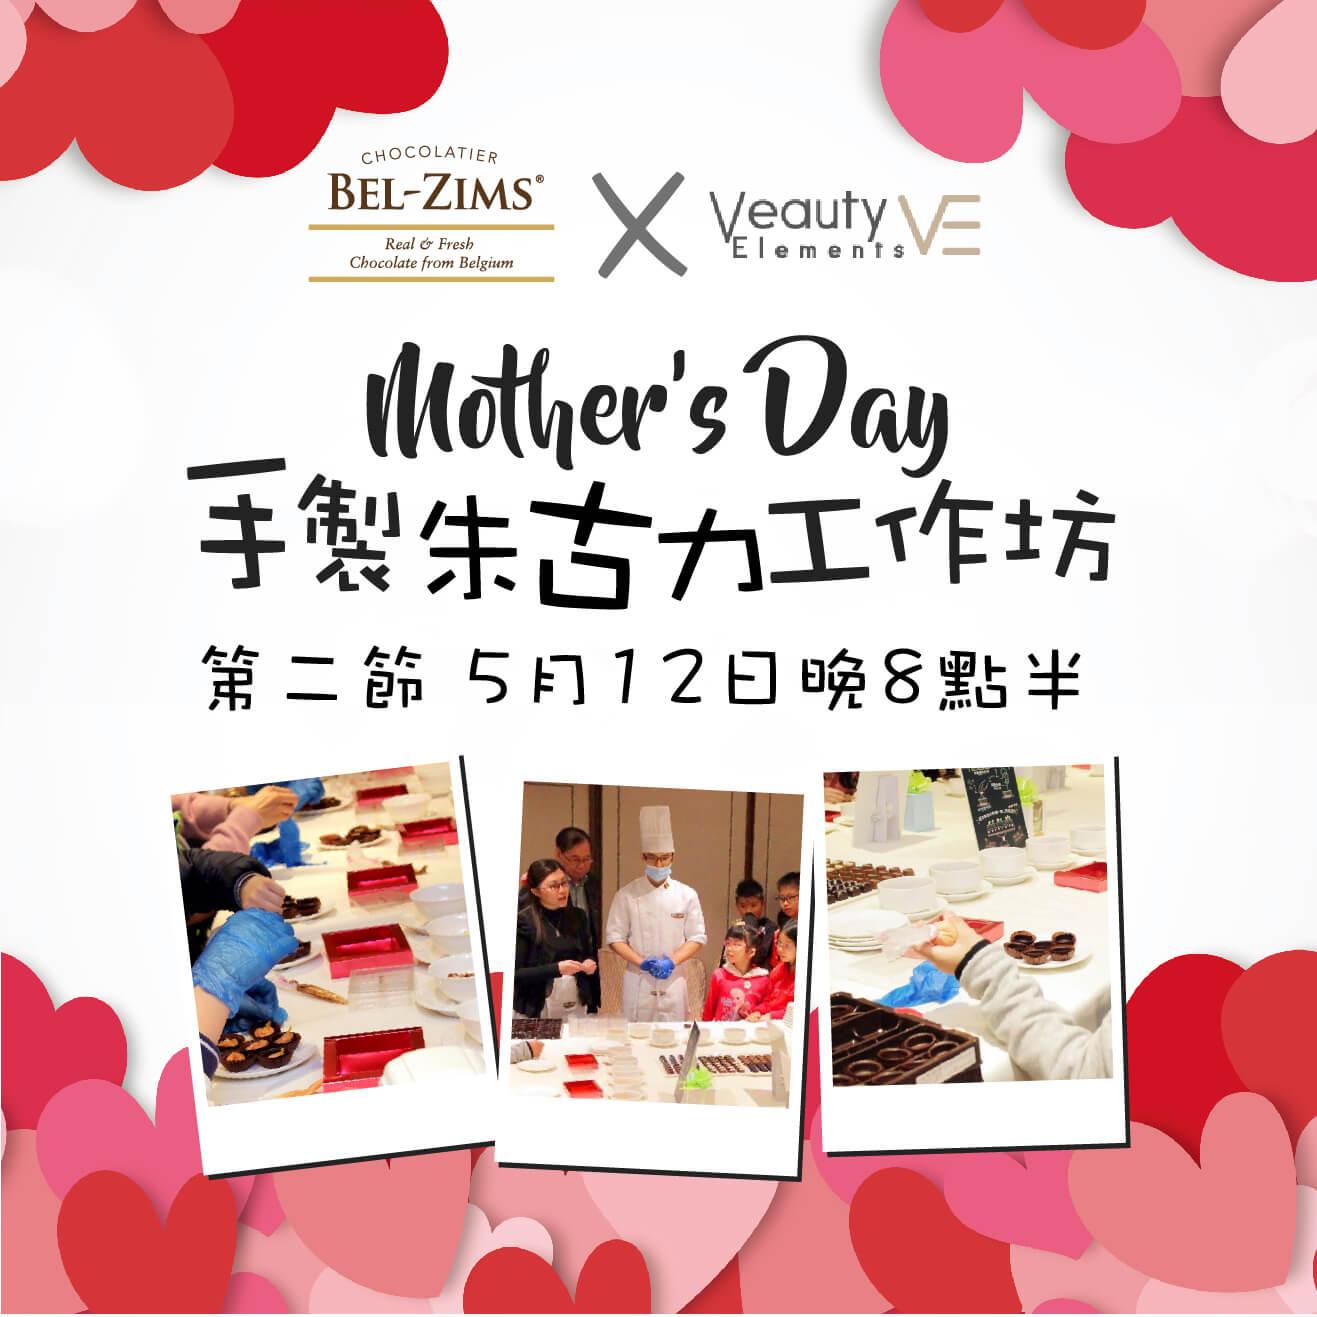 90分鐘 Mother's Day 手製朱古力工作坊(第二節 8:30 pm)